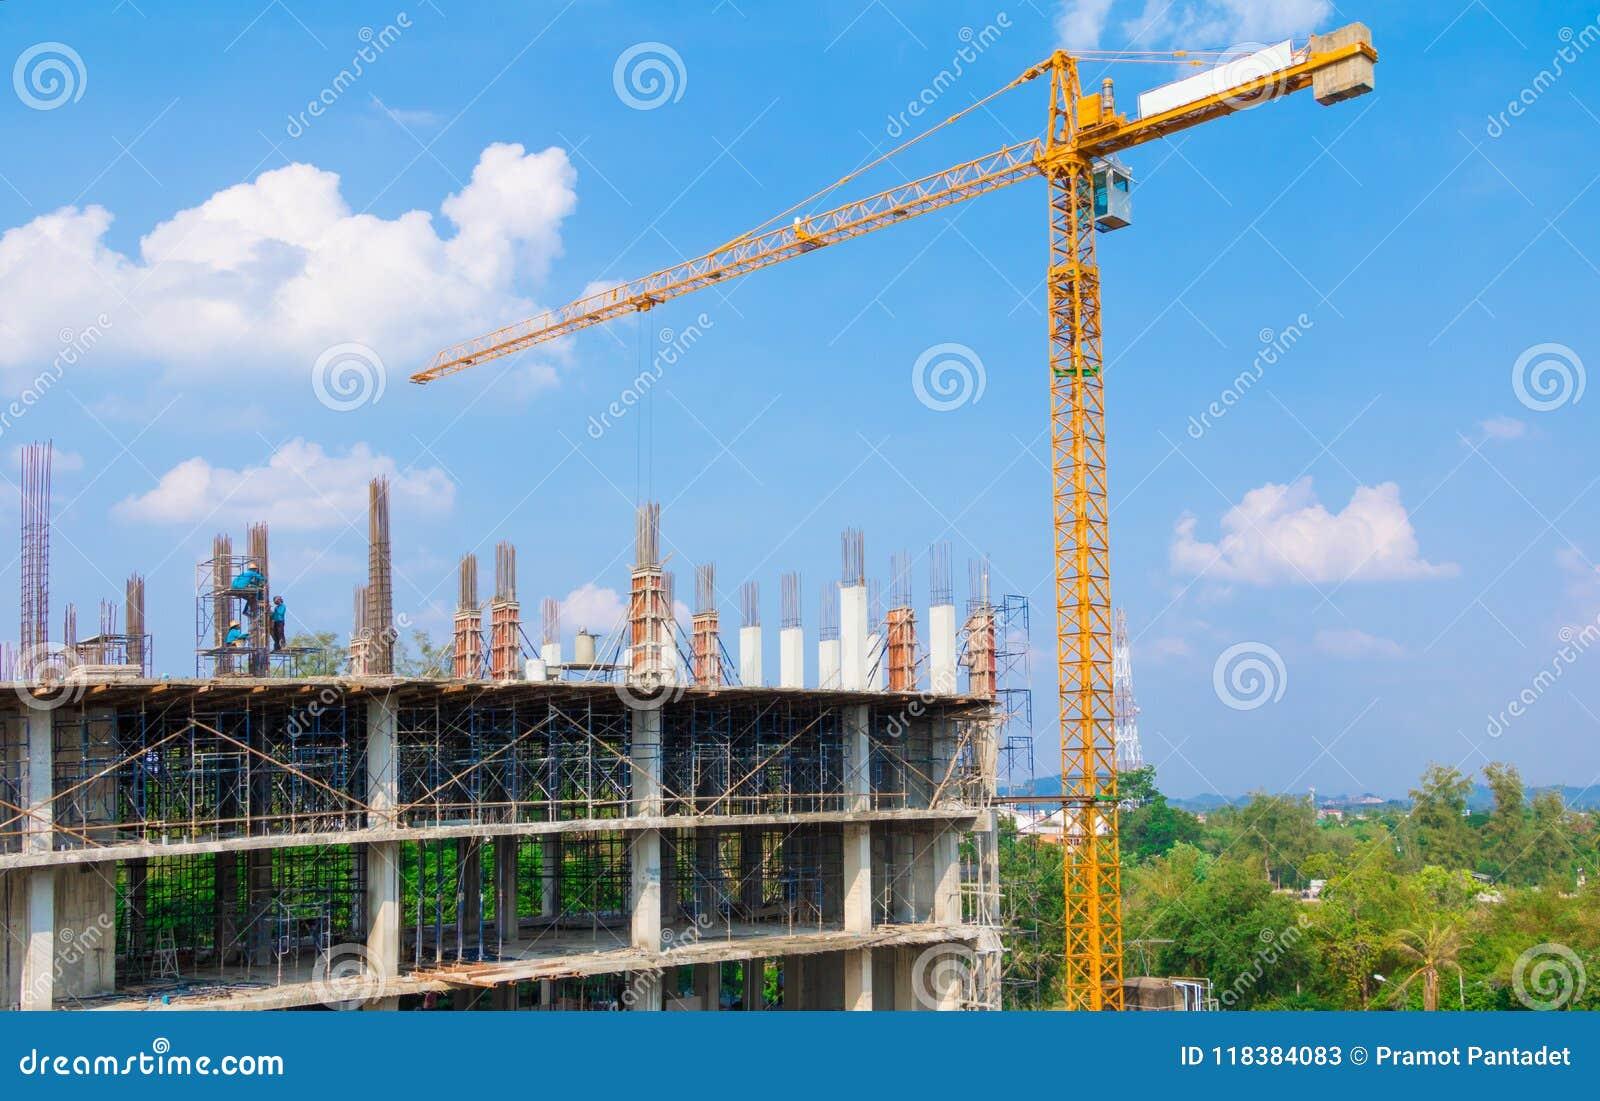 Εργοτάξιο και οικοδόμηση της κατοικίας στην εργασία laborer υπαίθρια που έχει το υπόβαθρο μπλε ουρανού γερανών πύργων με το αντίγ